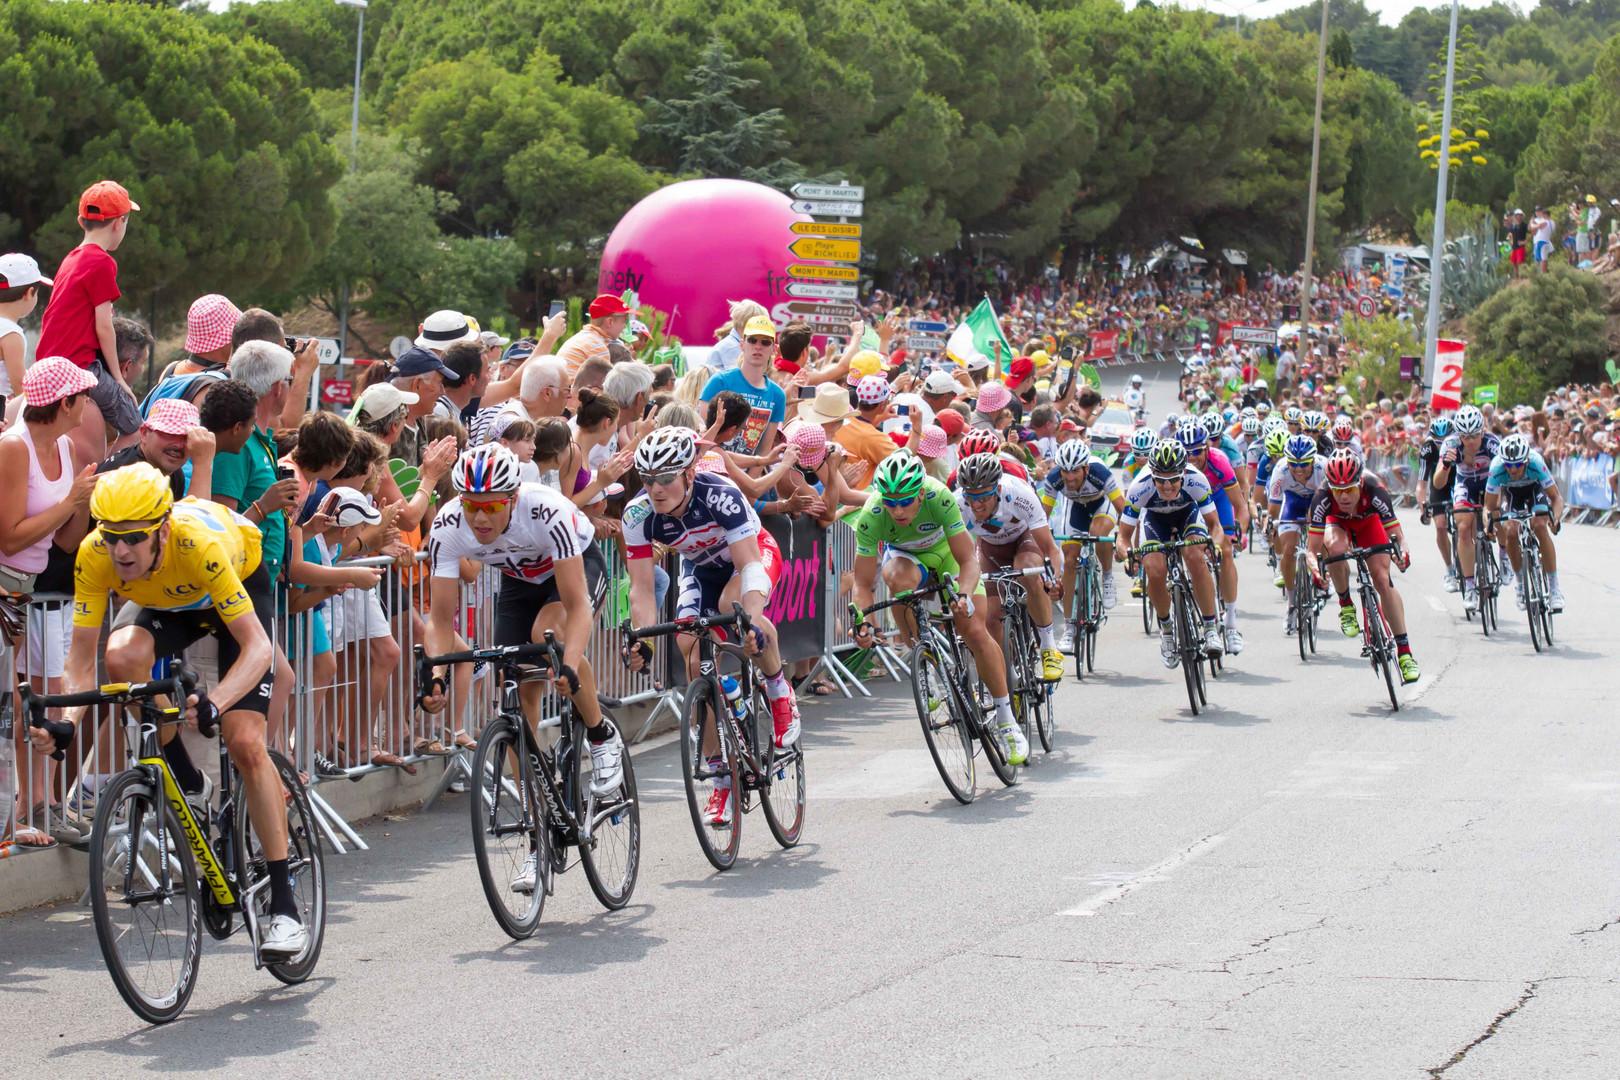 Tour de France 2012 / Zielsprint